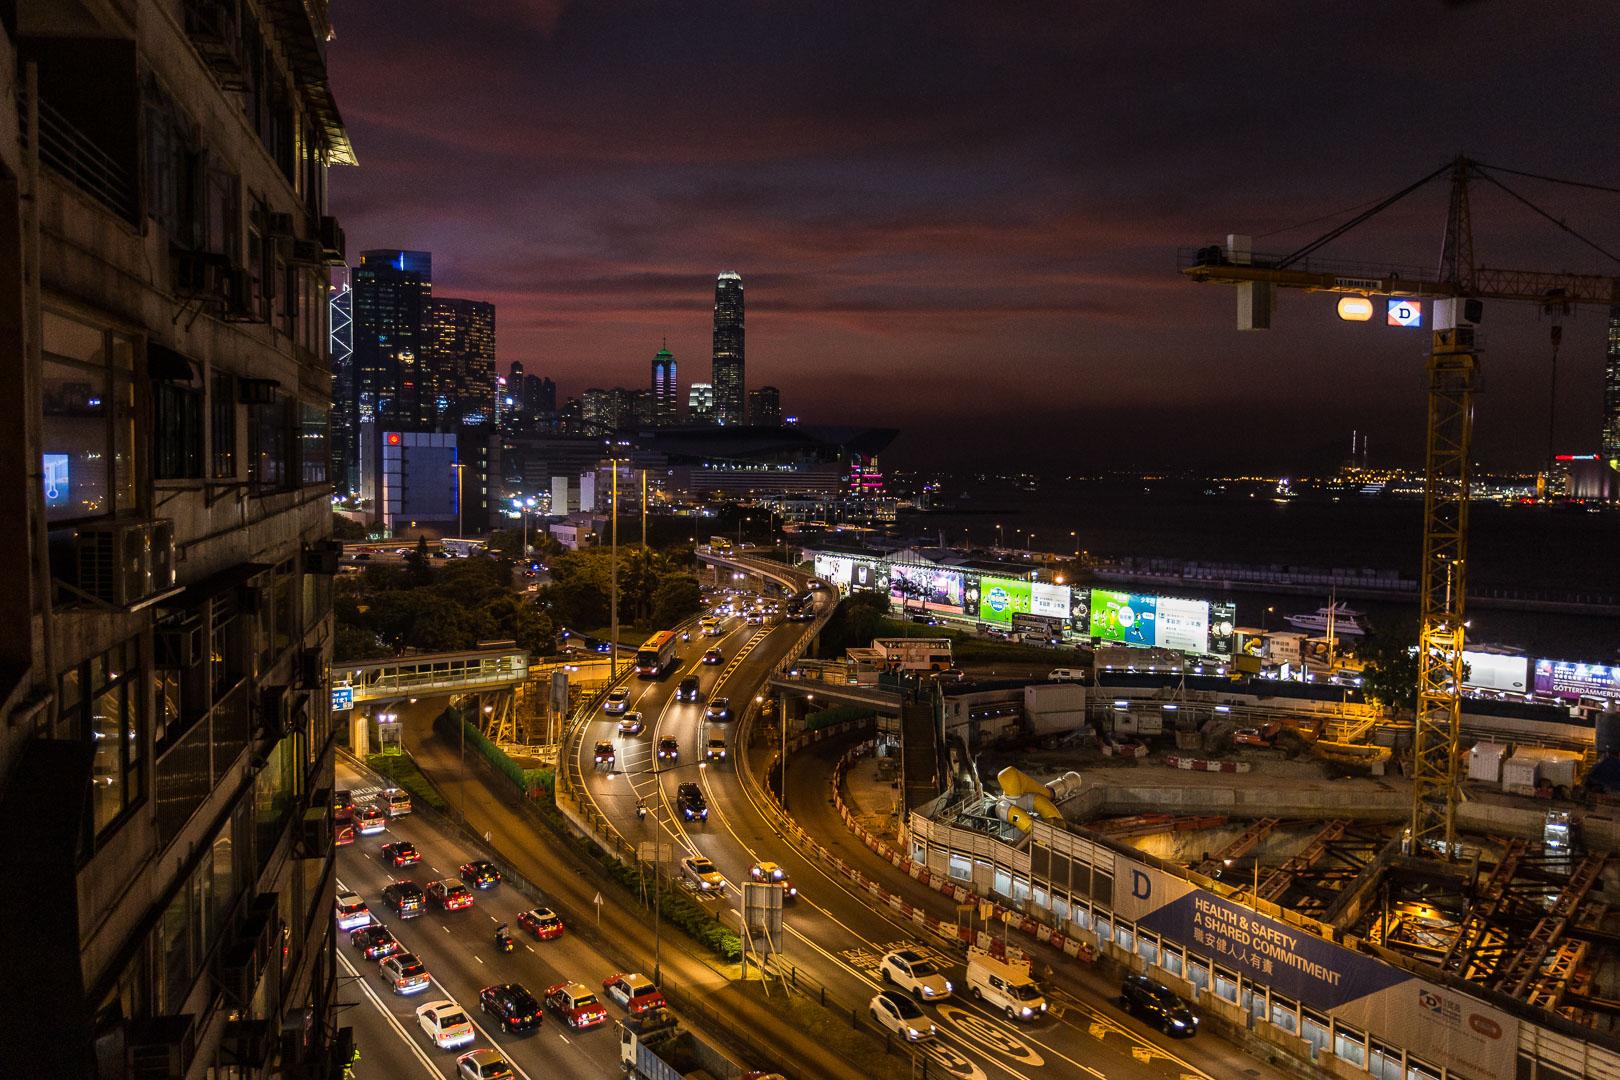 paisagem urbana à noite